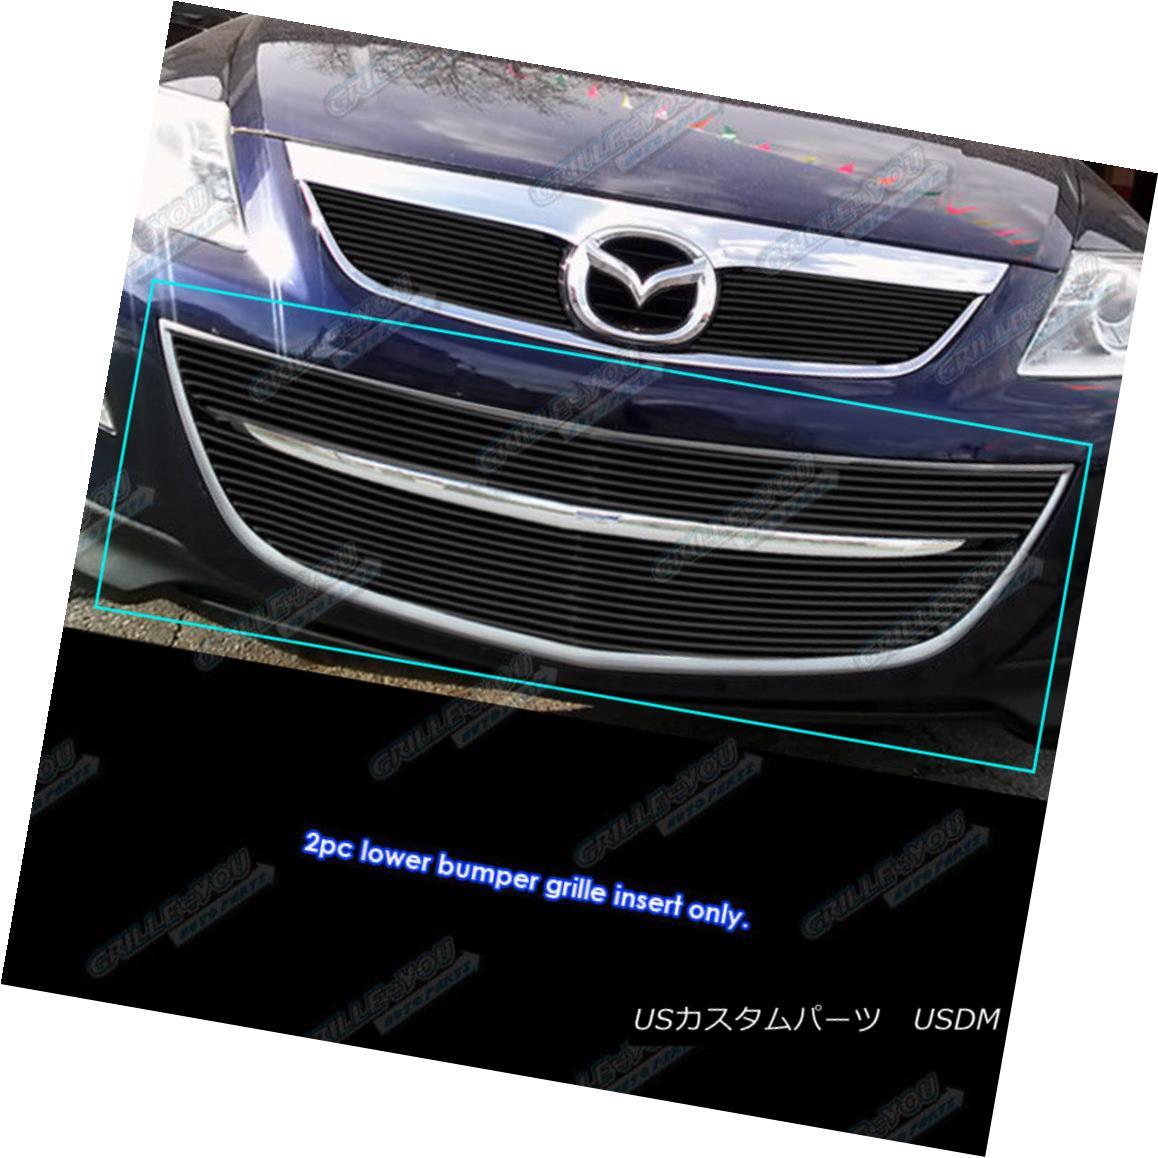 グリル Fits 2010-2013 Mazda CX-9 Black Bumper Billet Grille Grill Insert フィット2010-2013マツダCX - 9ブラックバンパービレットグリルグリルインサート